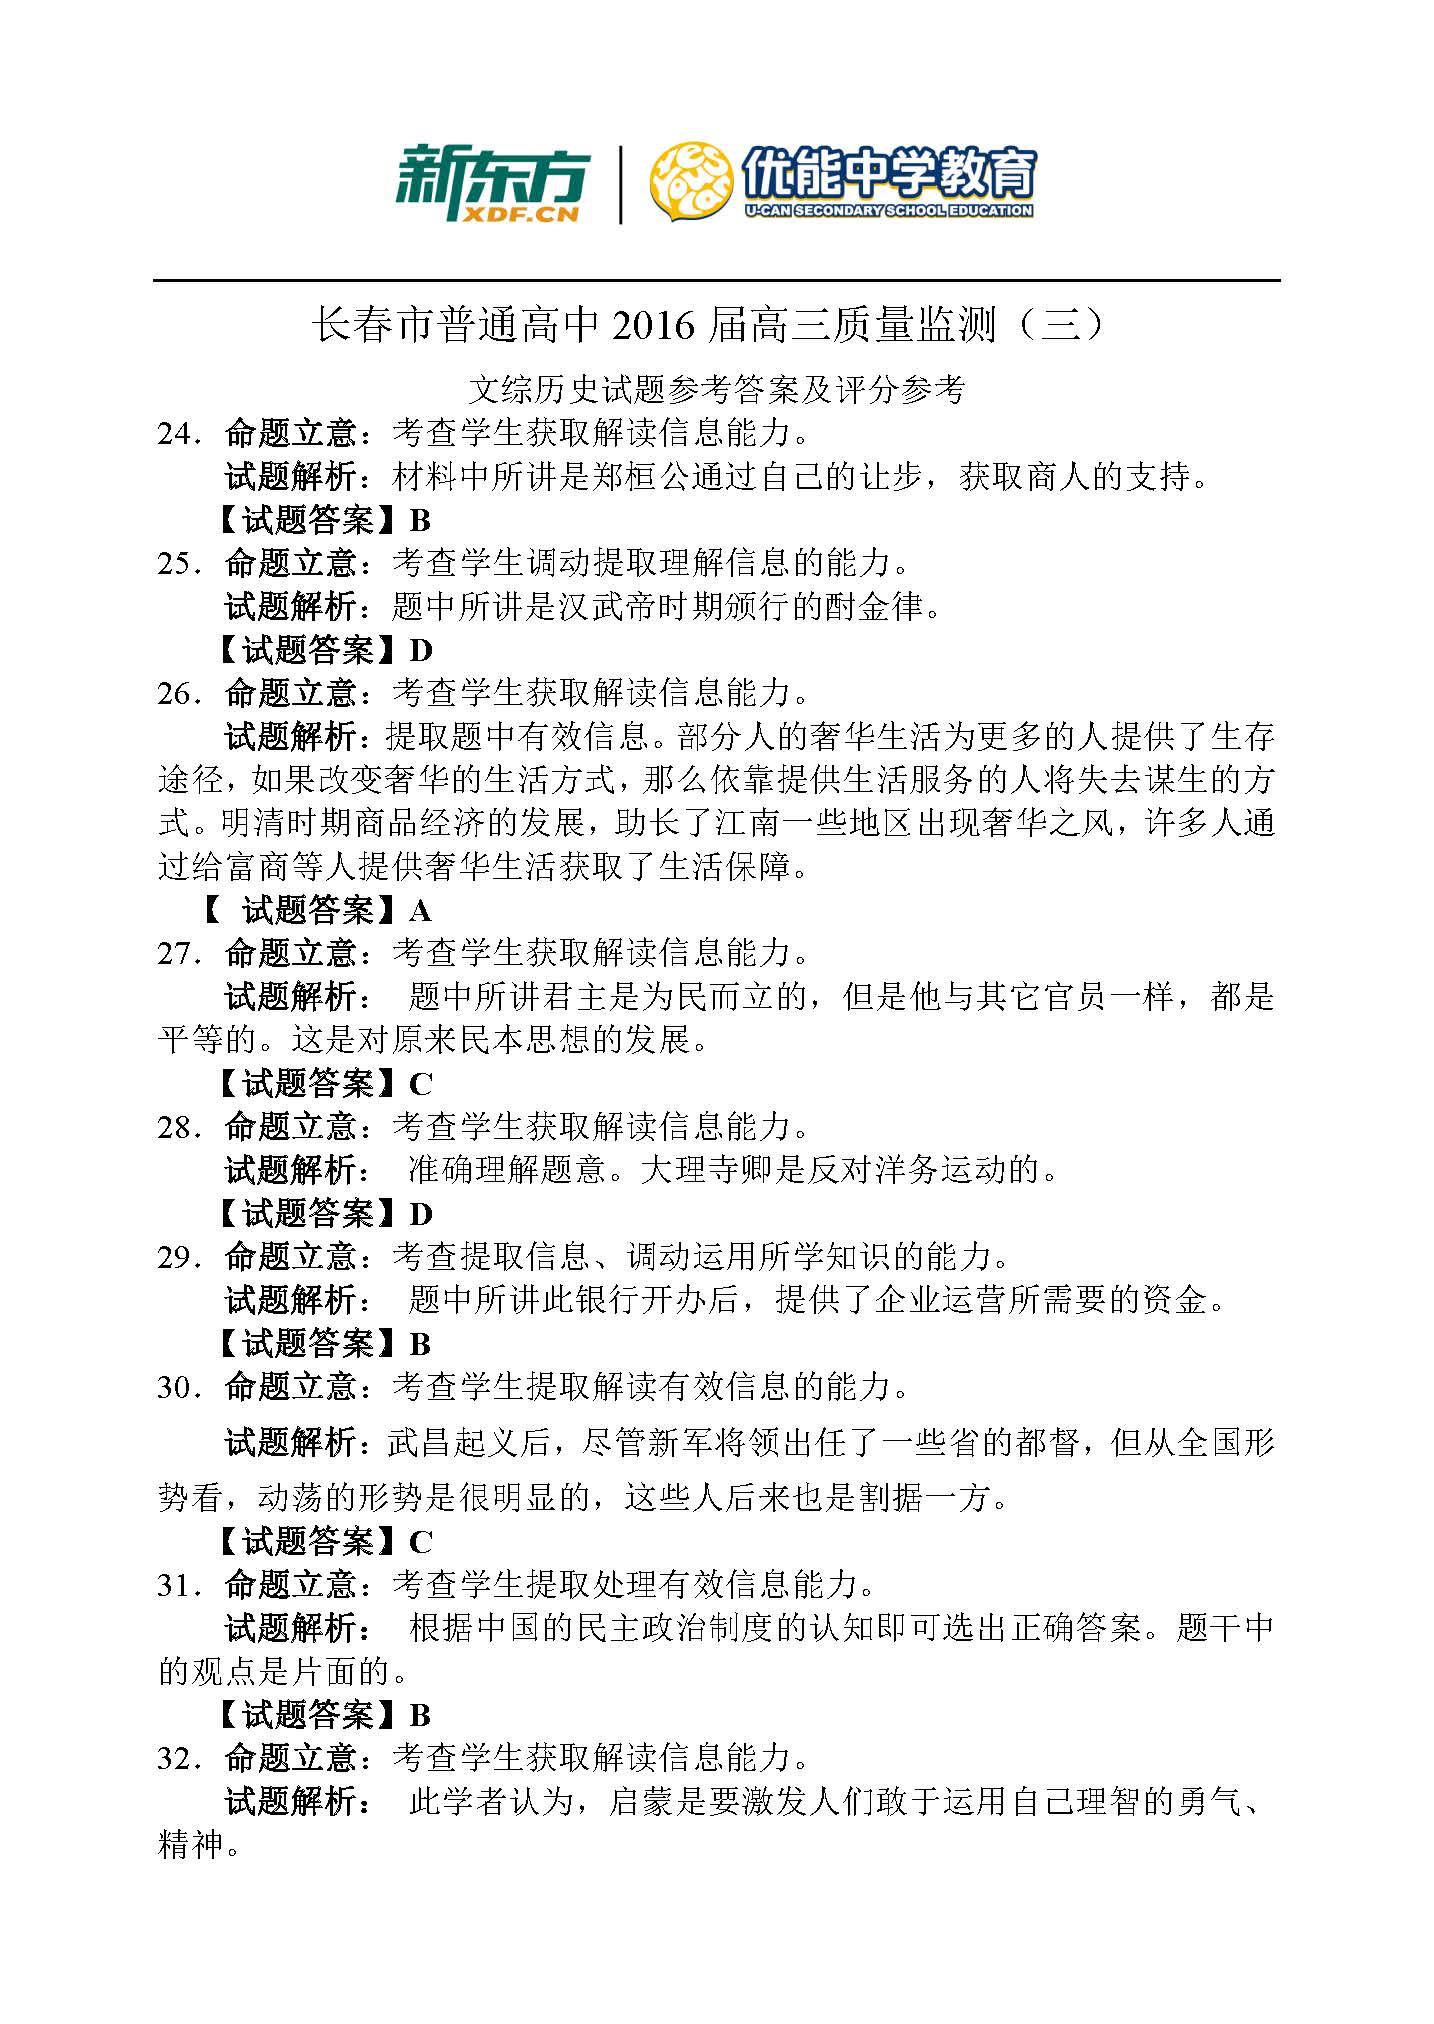 新东方:2016长春三模历史试题及答案解析